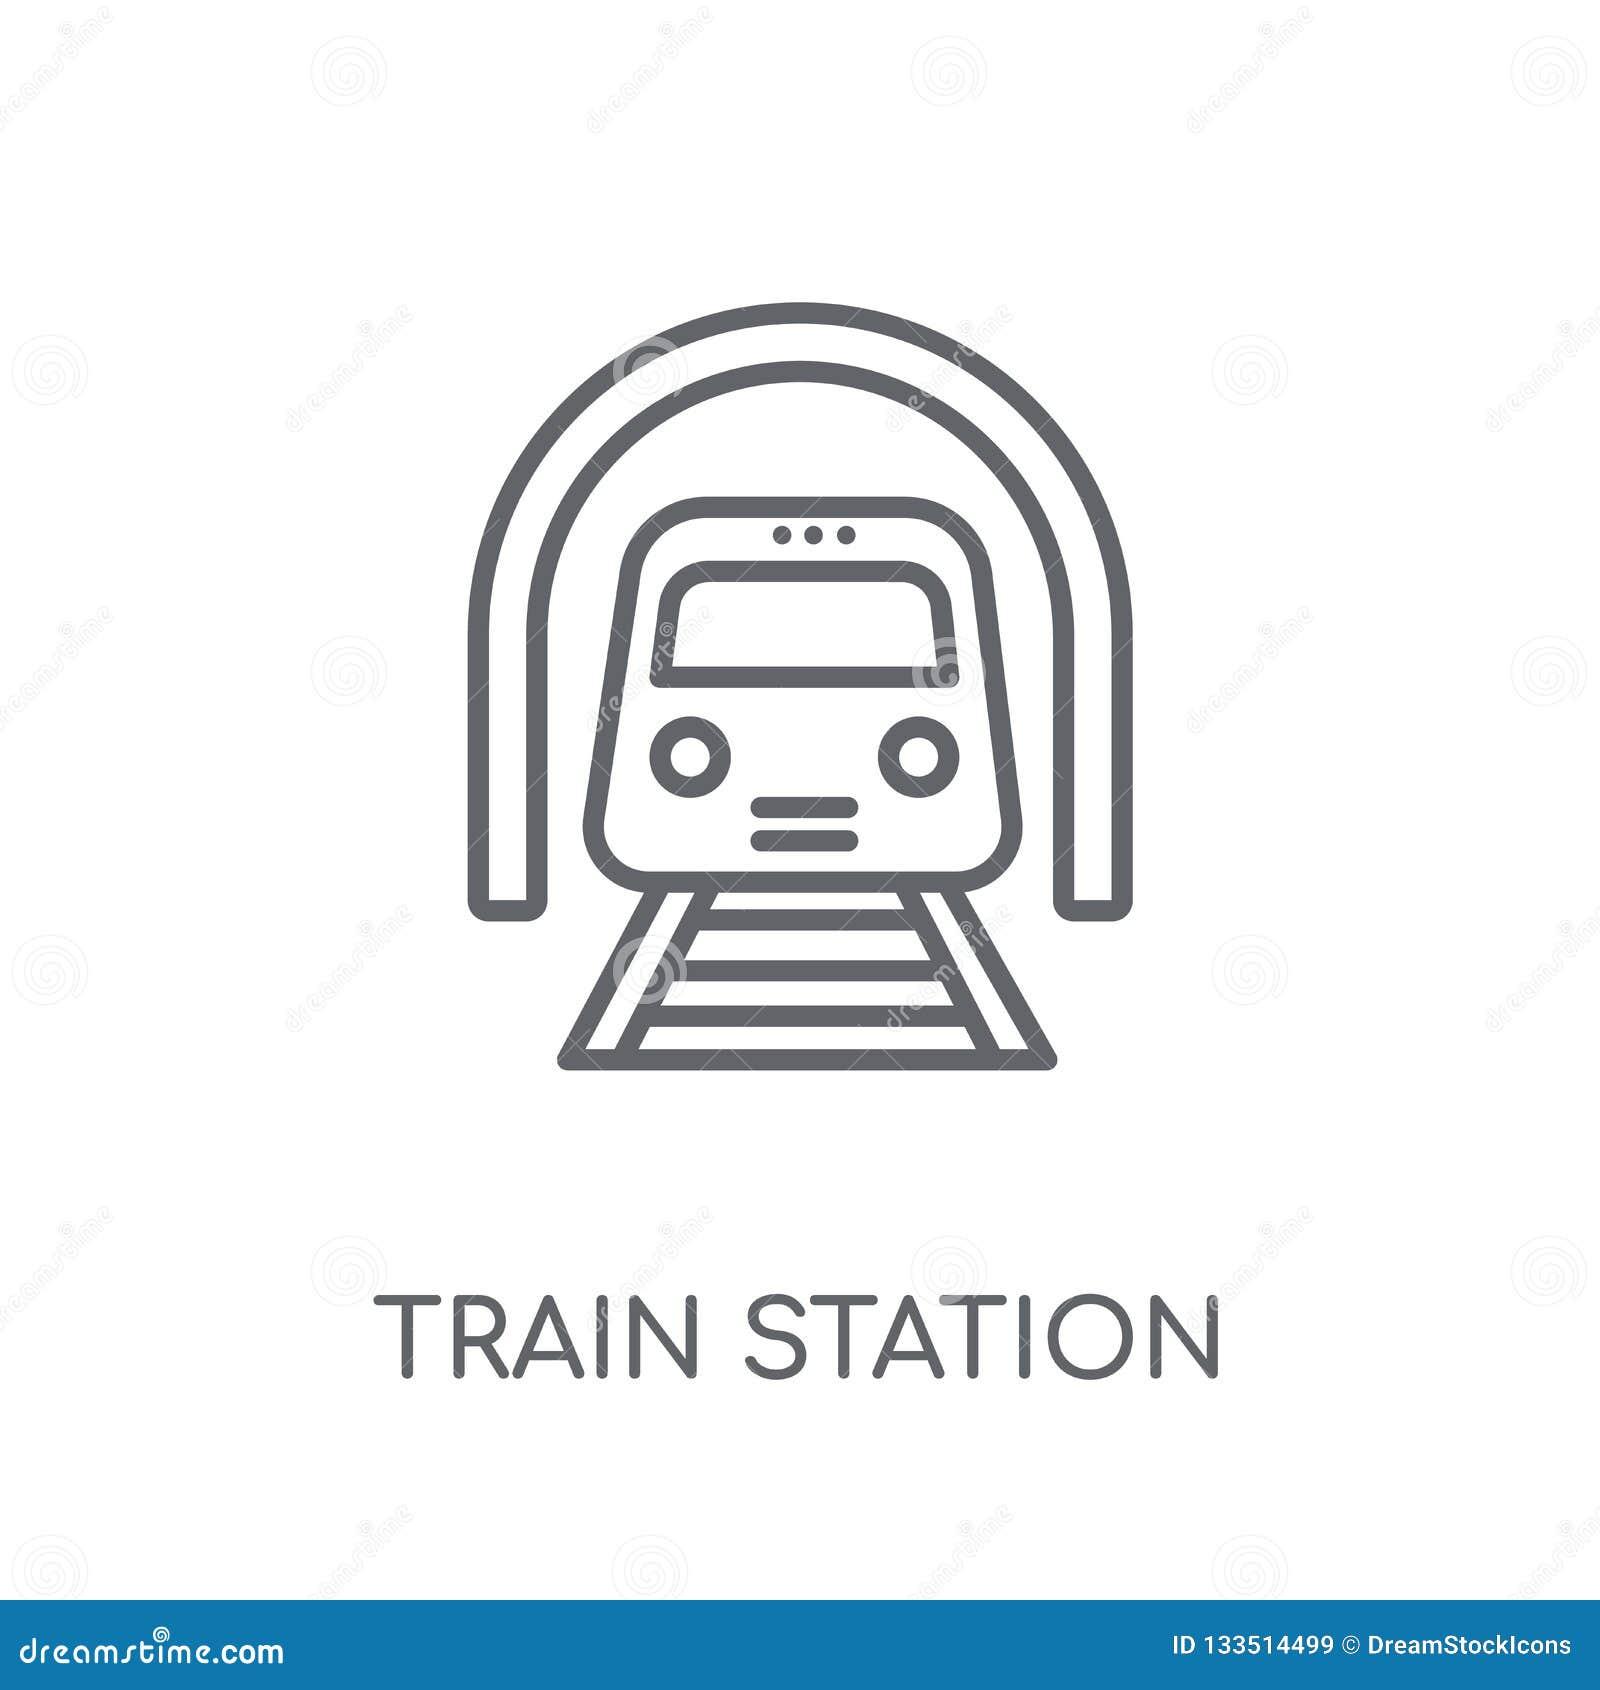 Station lineair pictogram Het moderne embleem van het overzichtsstation bedriegt